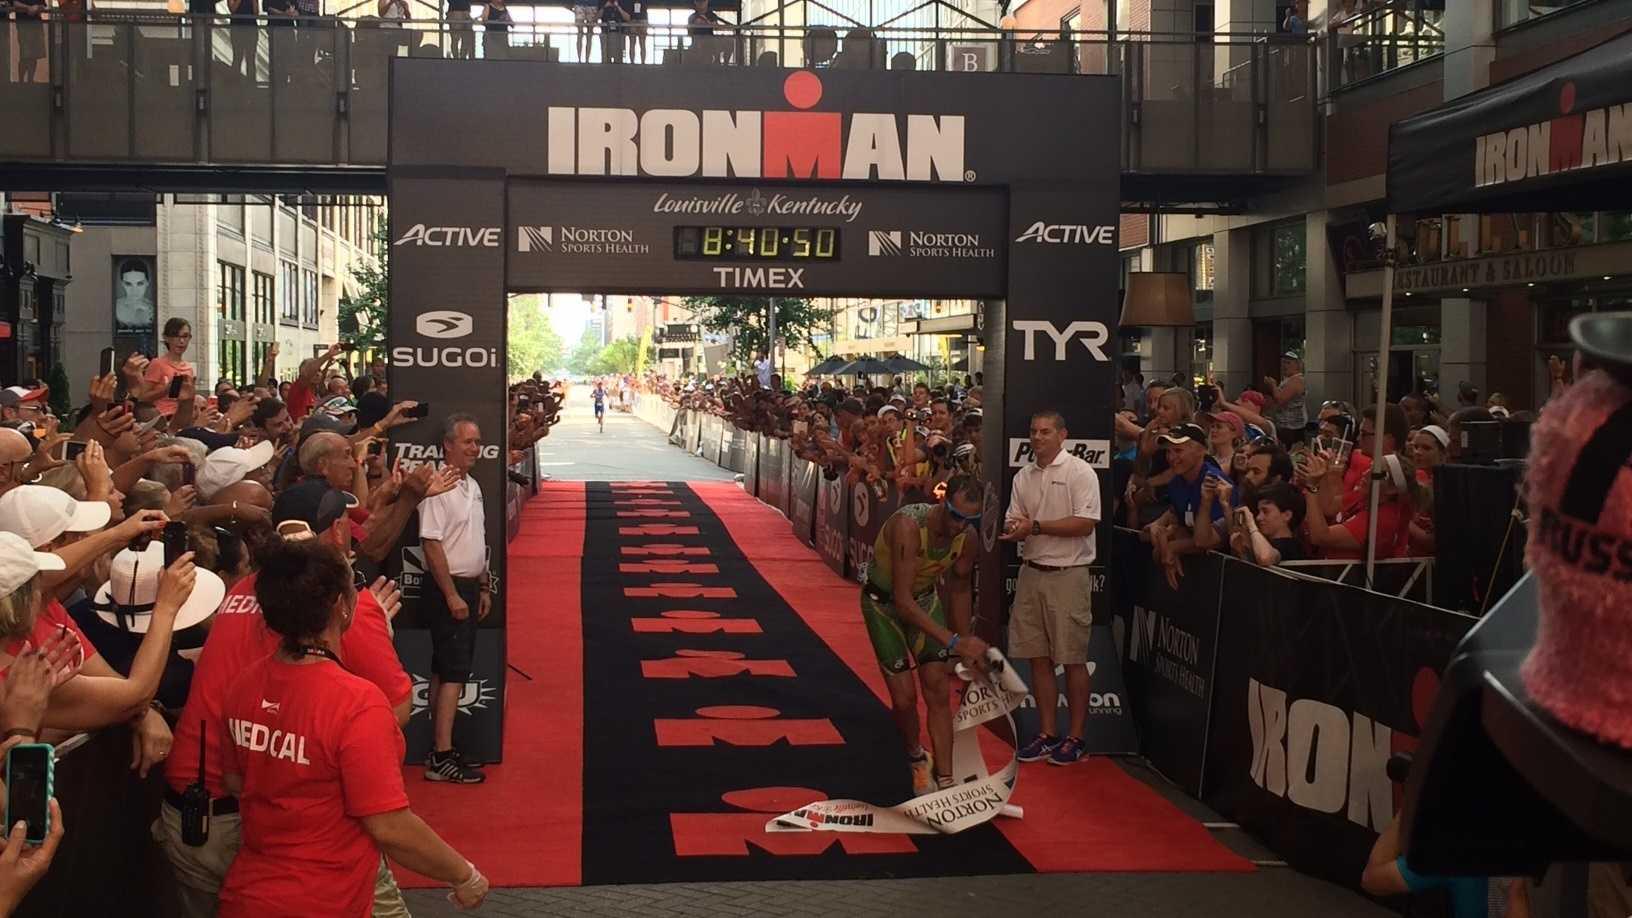 Ironman 1.jpeg